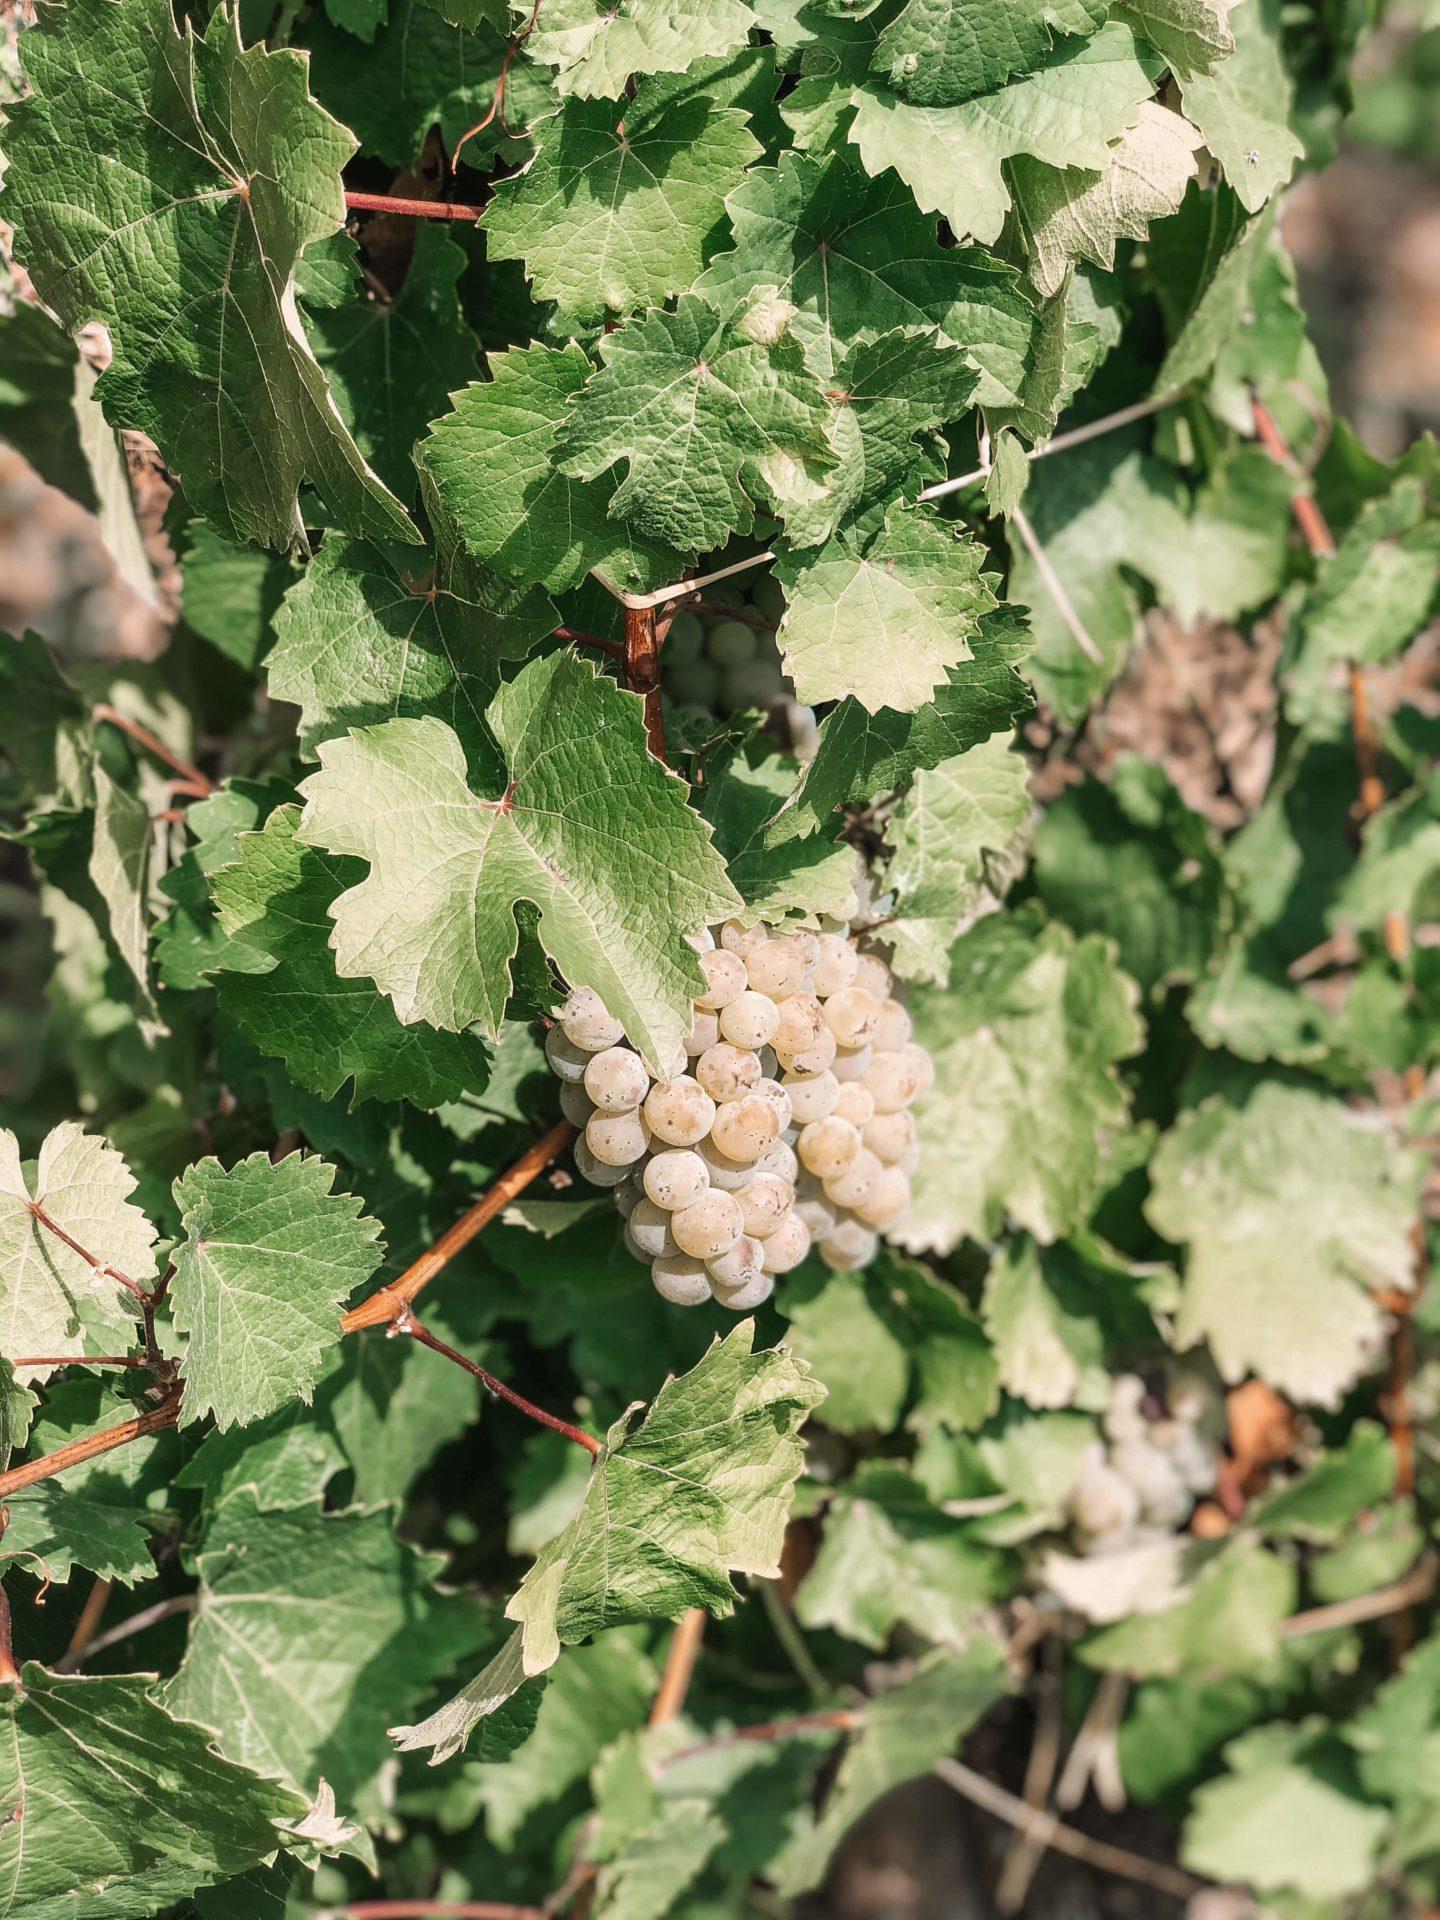 vendanges moselle allemagne vallée vignoble vin bio natural biodynamie expérience récolte raison